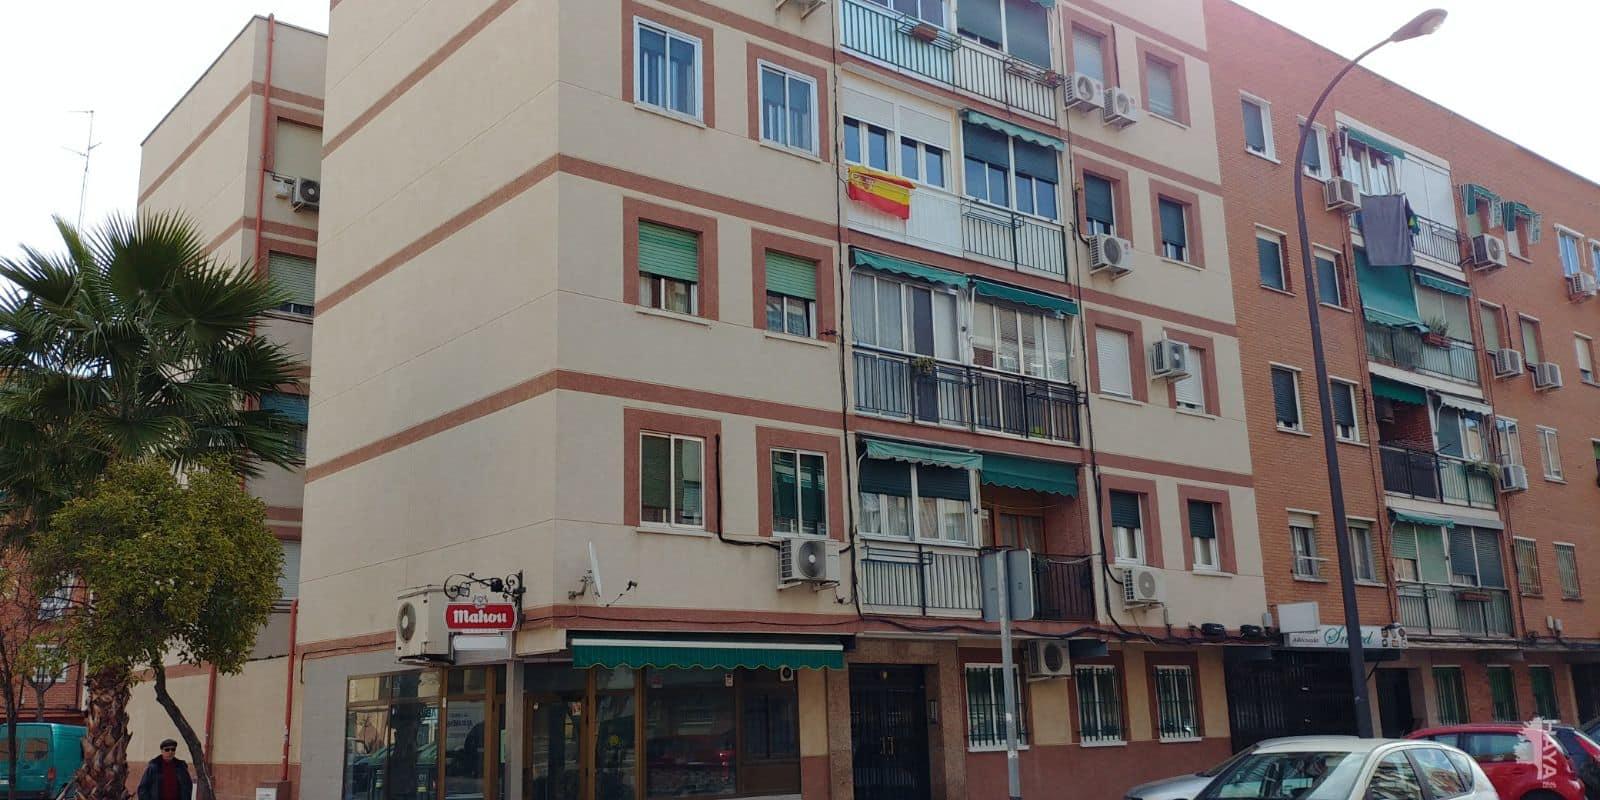 Piso en venta en Getafe, Madrid, Calle Murcia, 81.200 €, 3 habitaciones, 1 baño, 70 m2